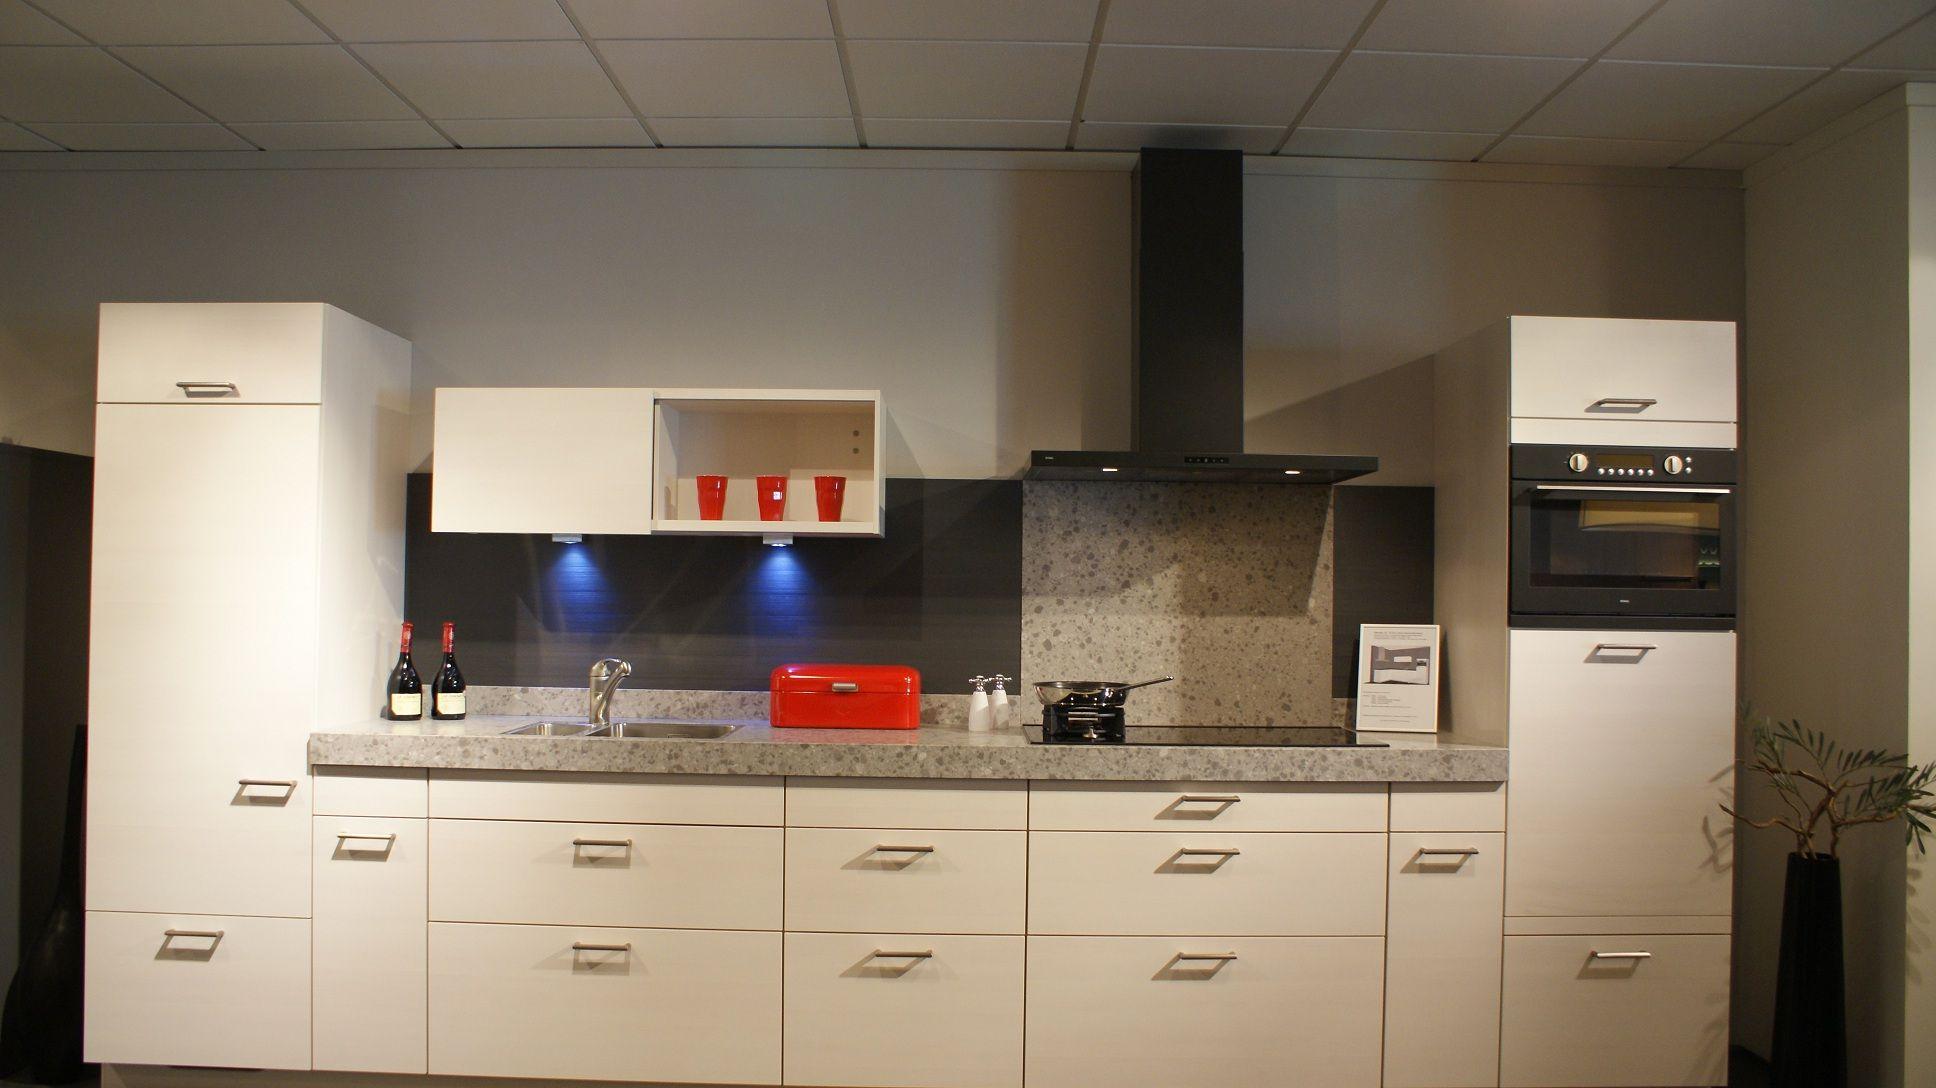 Siematic showroomkeukens siematic showroomkeuken aanbiedingen siematic sc10 48687 - Keuken model amenagee ...